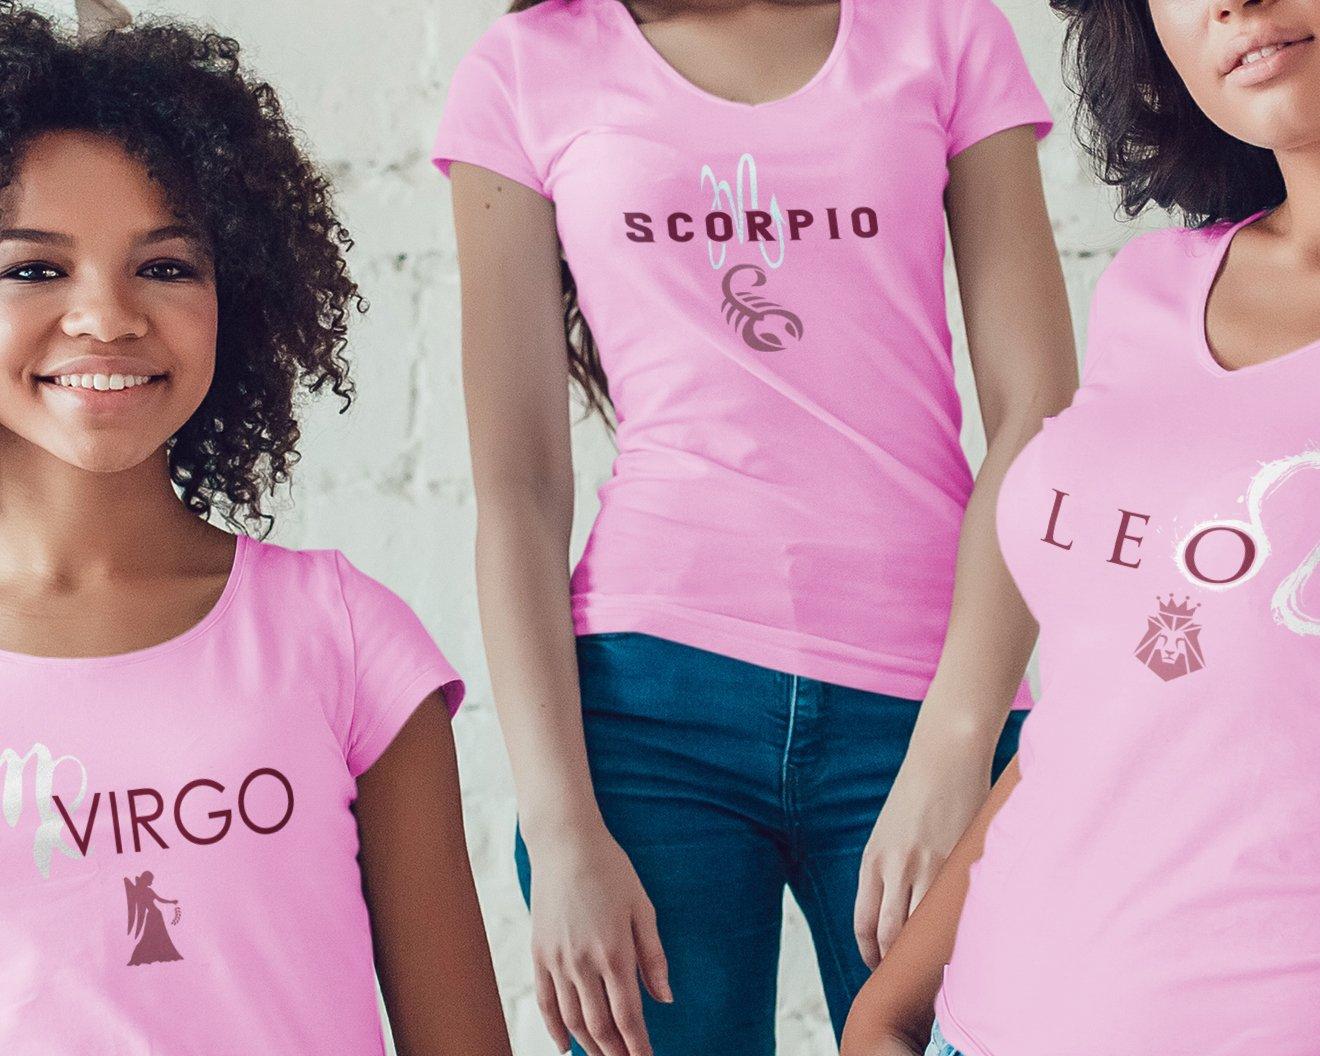 Virgo_Scorpio_Leo_Shirts_Pink